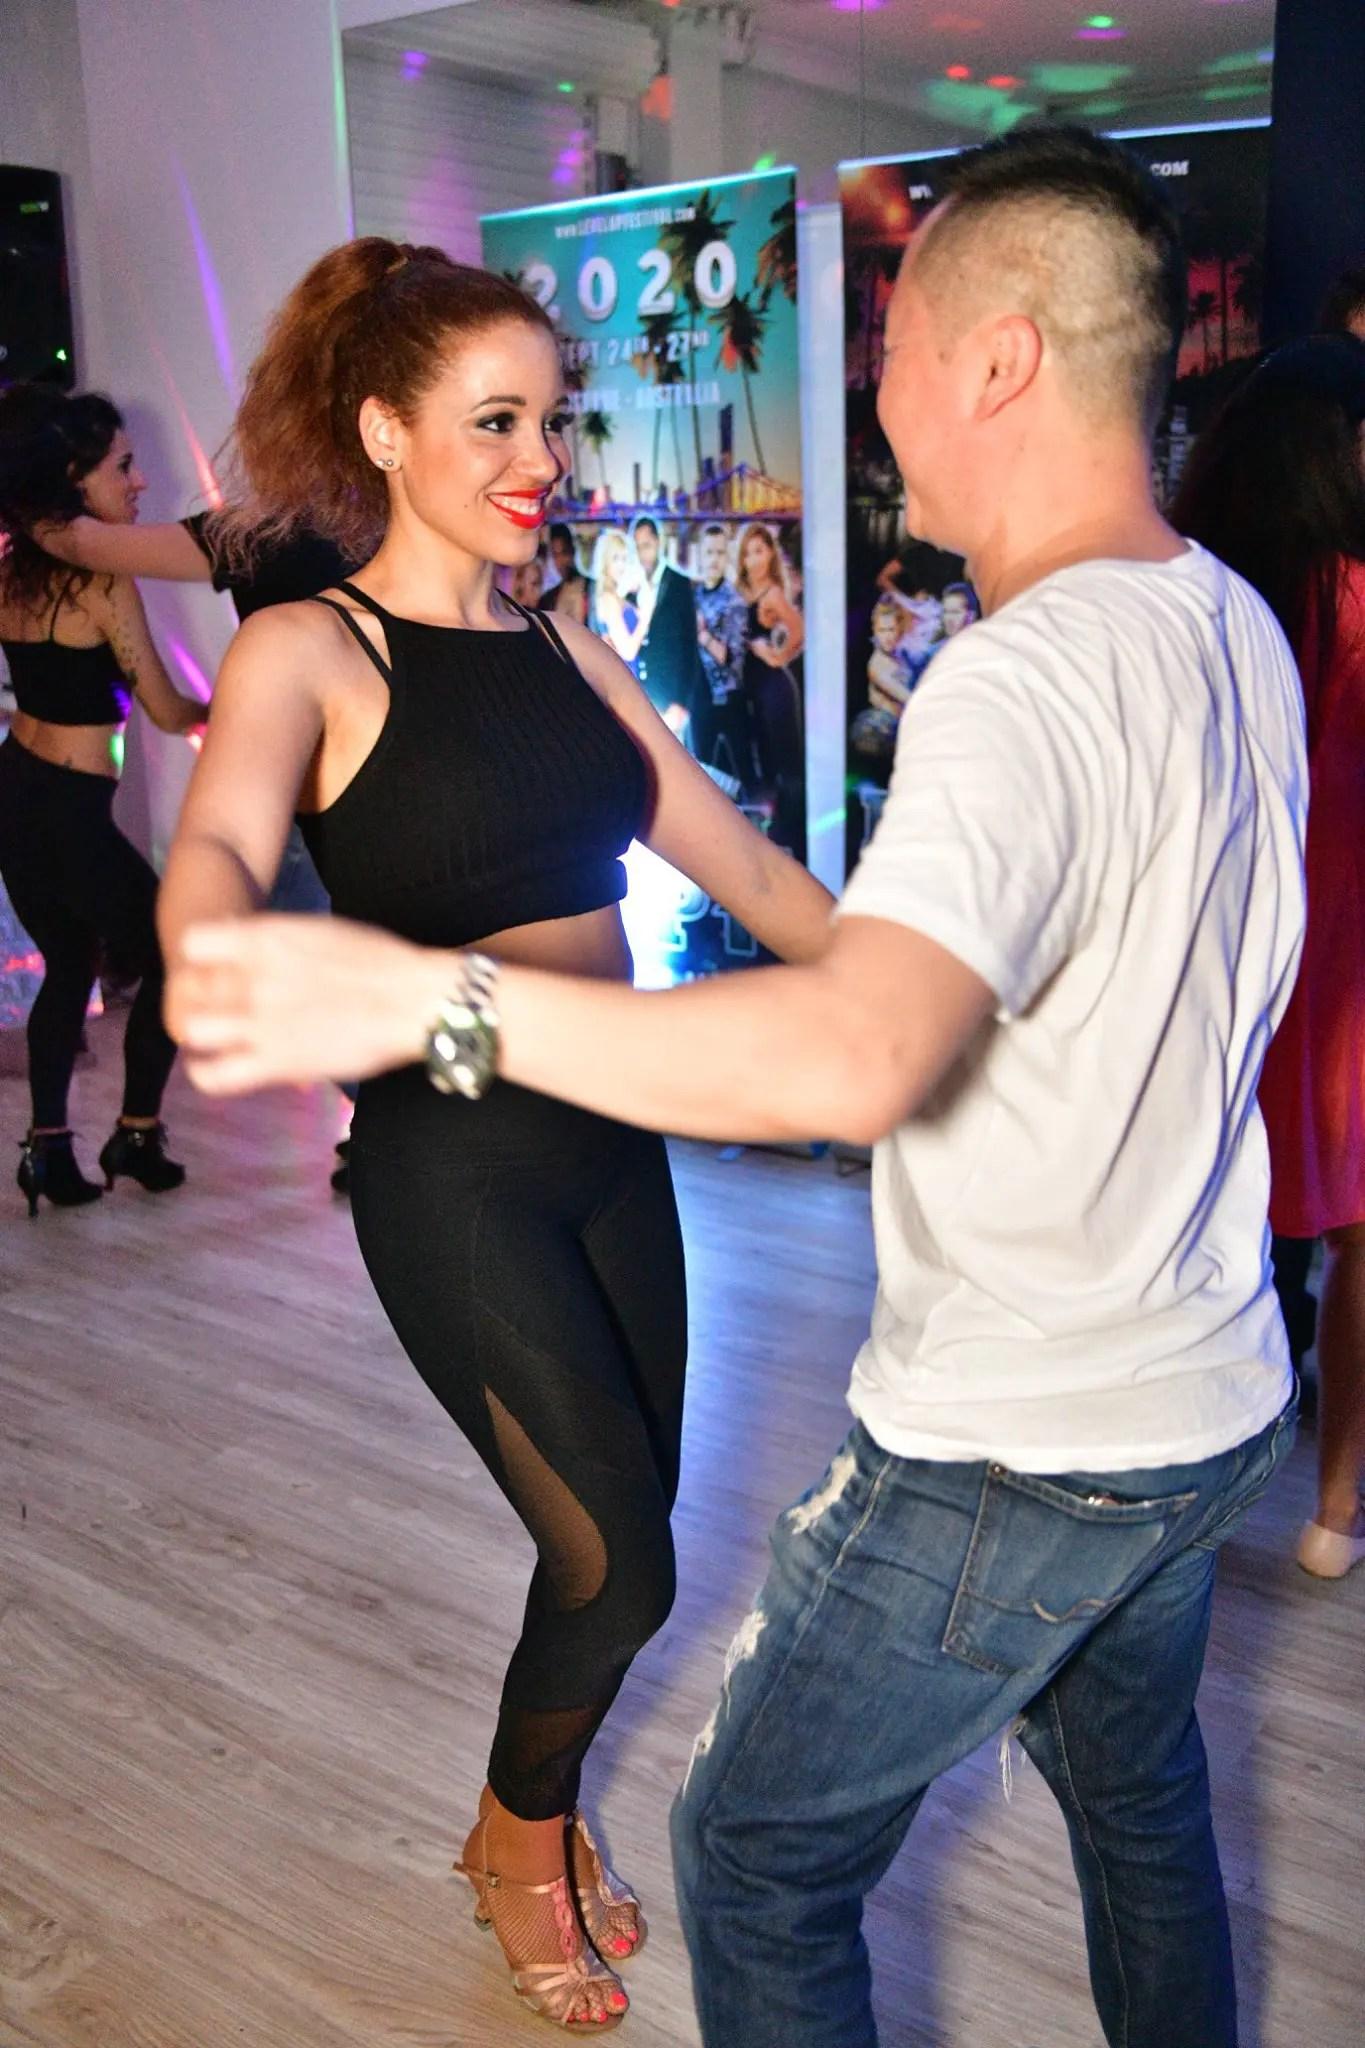 Aurelie Chapelain dancing in social - Let's Dance Bachata